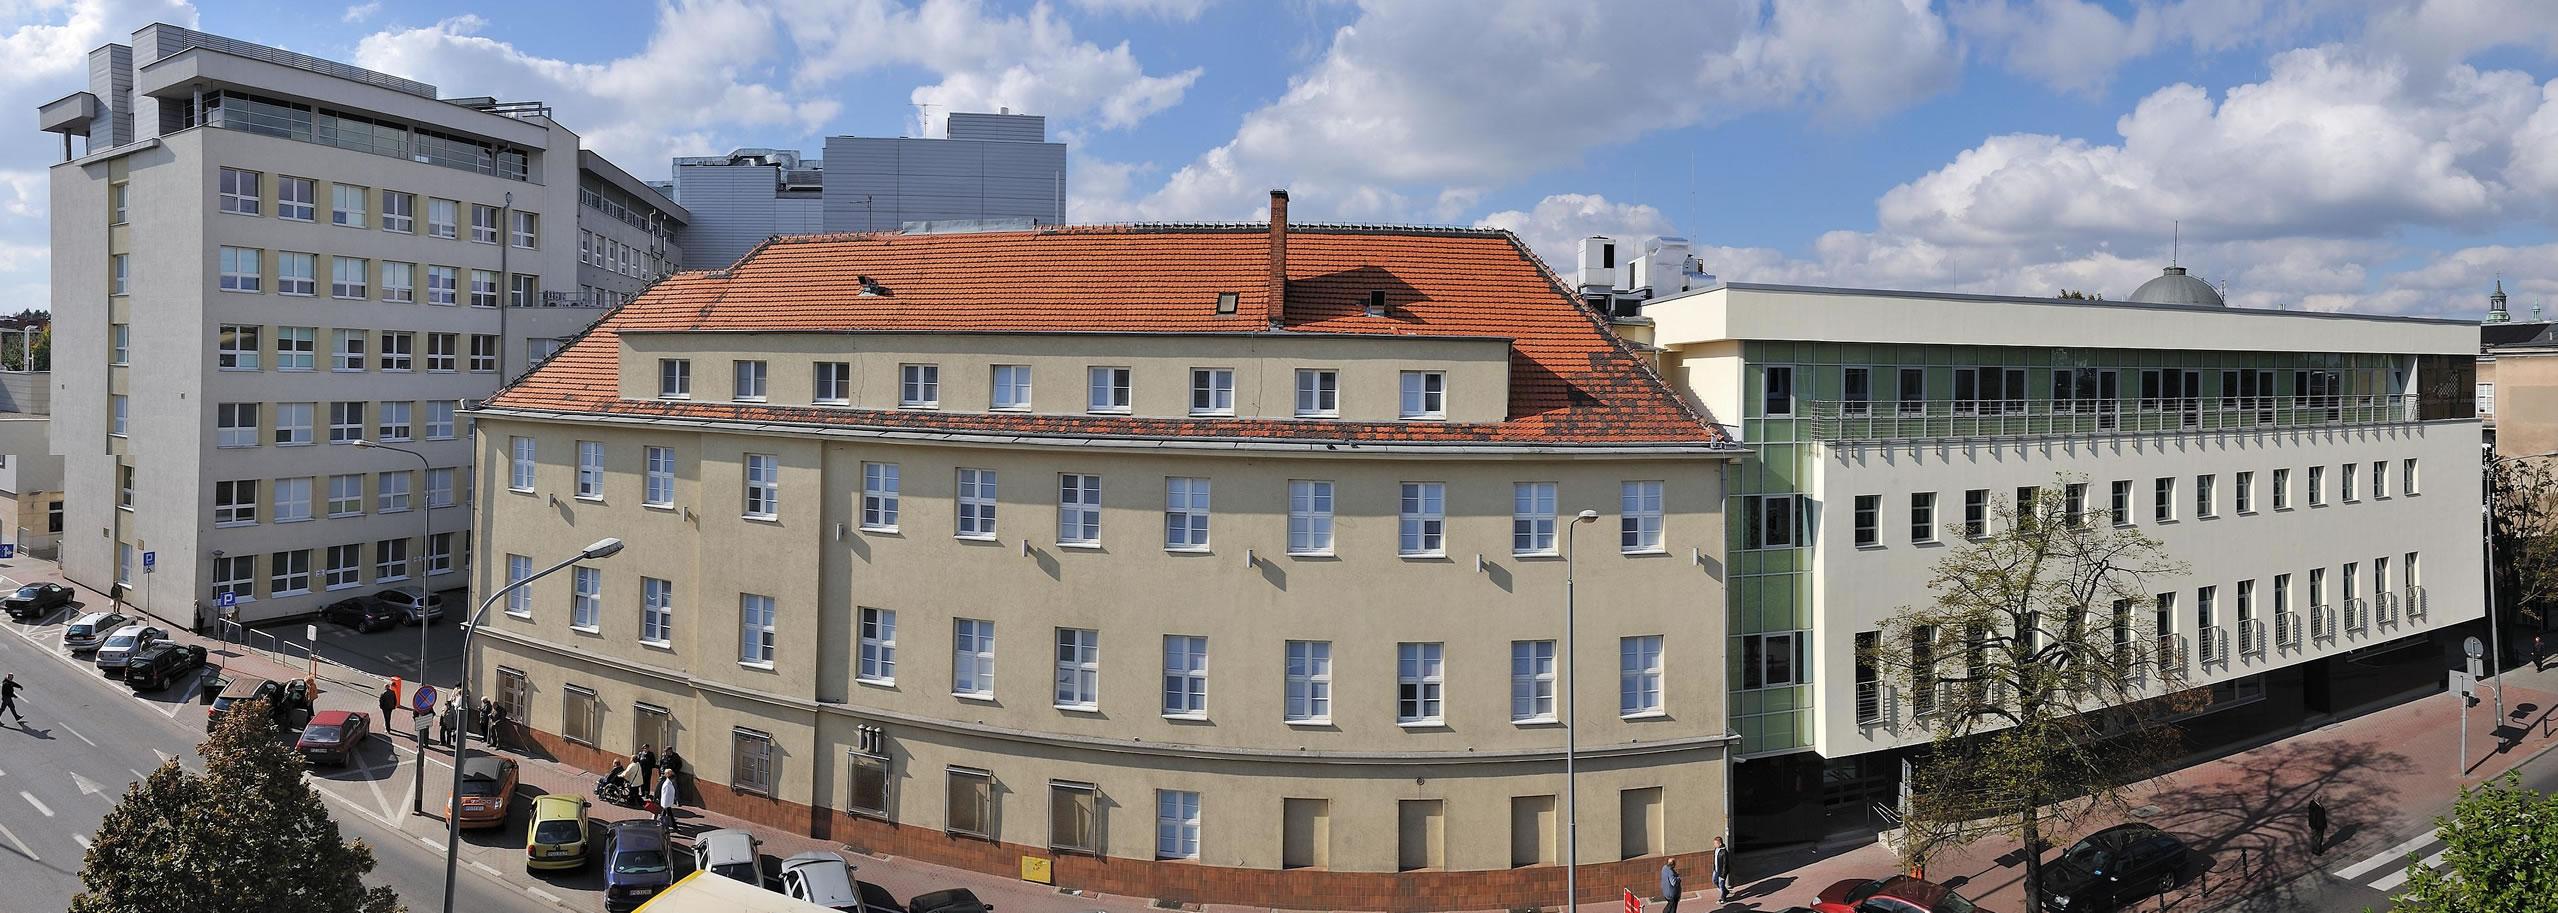 slajd-panorama-wco-3opt